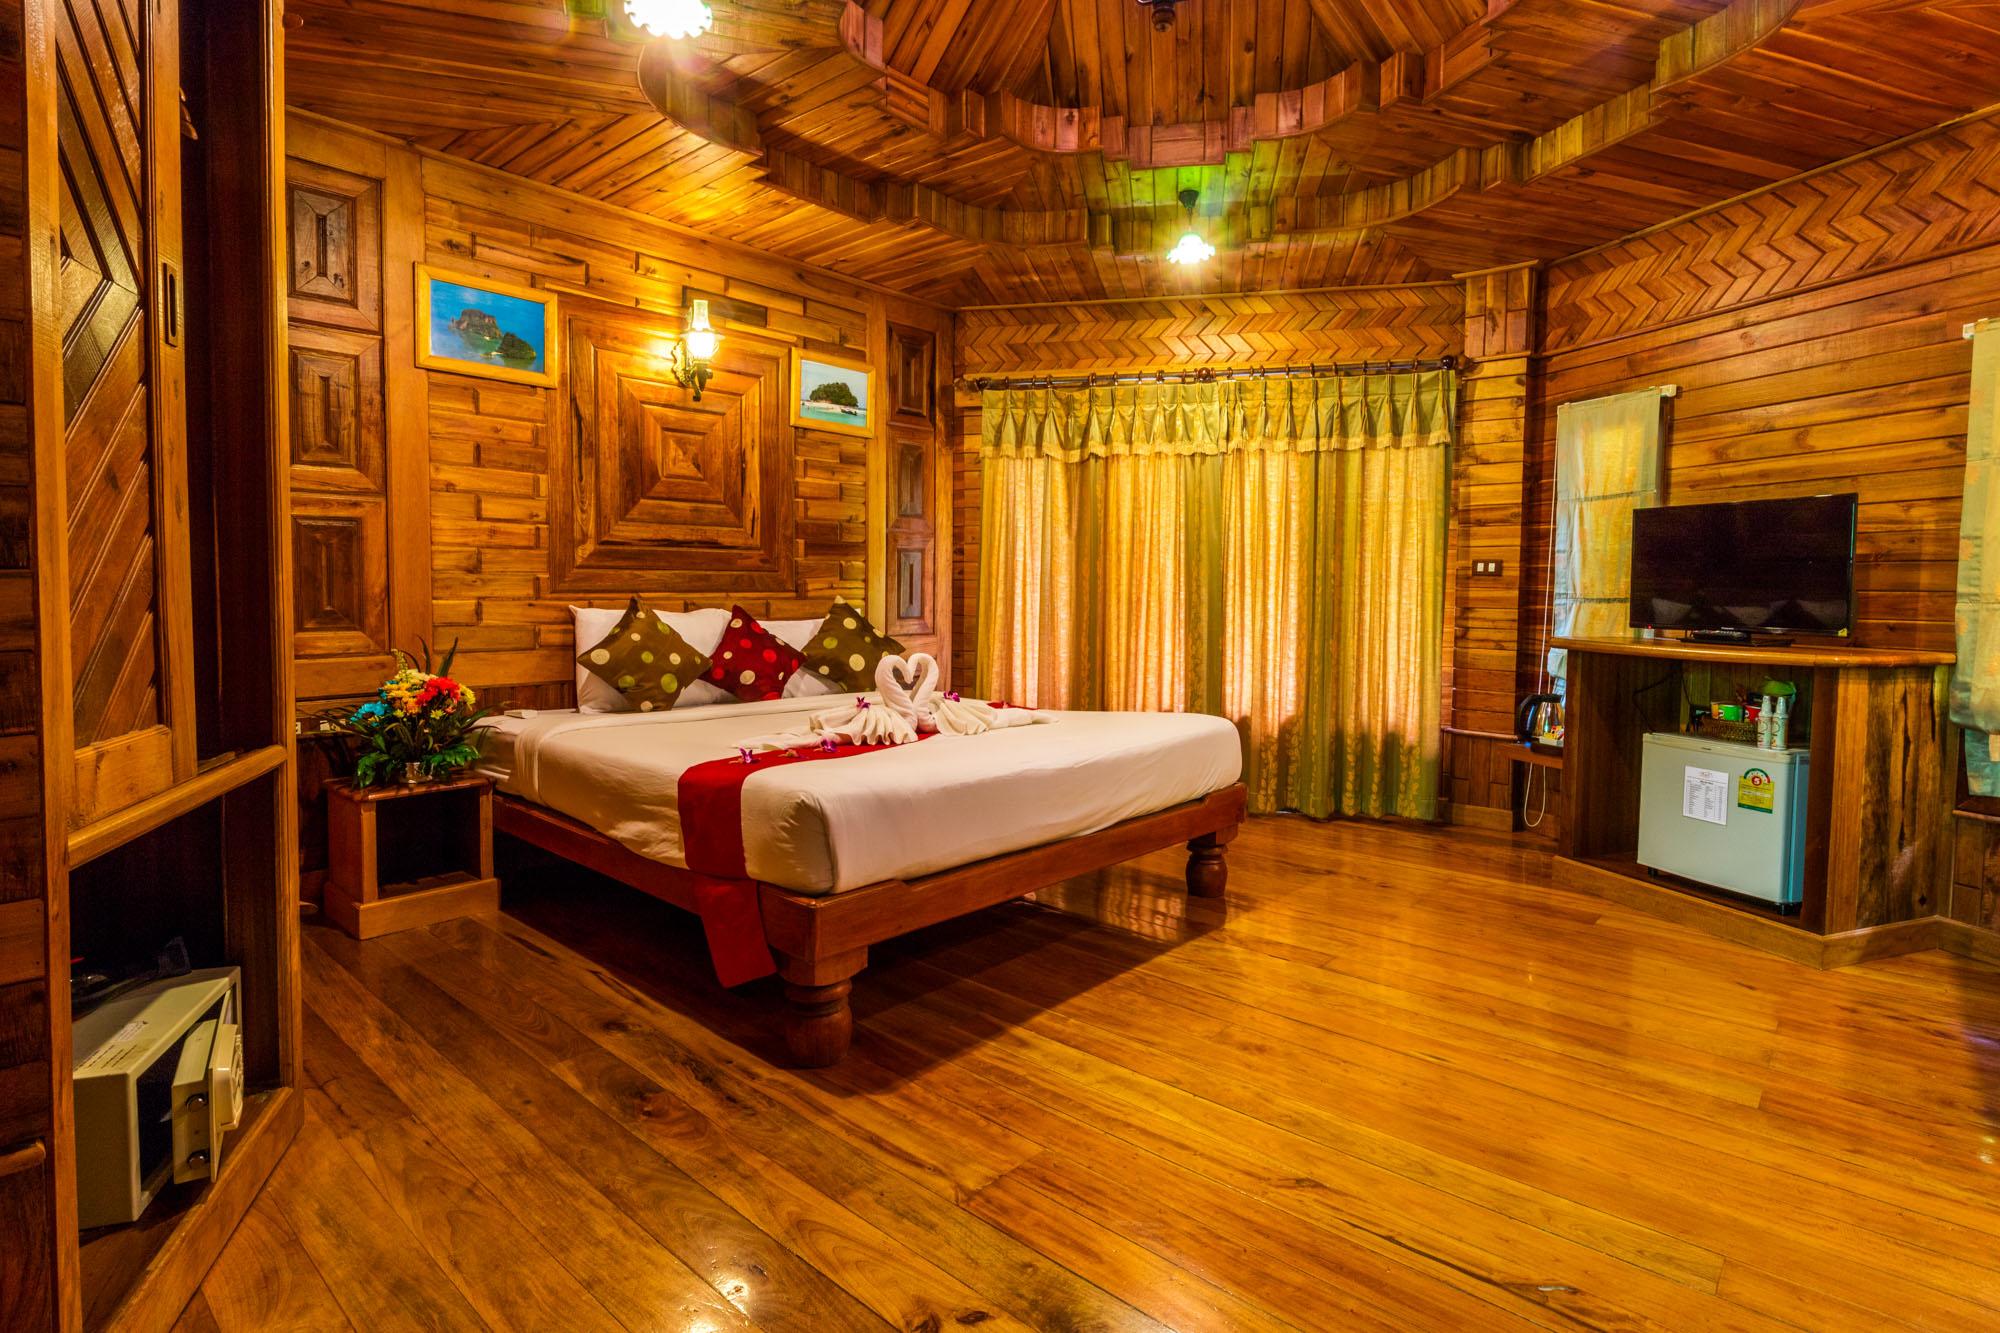 รีวิวที่พักมุสลิม กระบี่ Phu Pha Aonang Resort Halal Blogger Review  Phu Pha Aonang Resort & Spa ภูผา อ่าวนาง รีสอร์ทแอนด์สปา IMG 5620